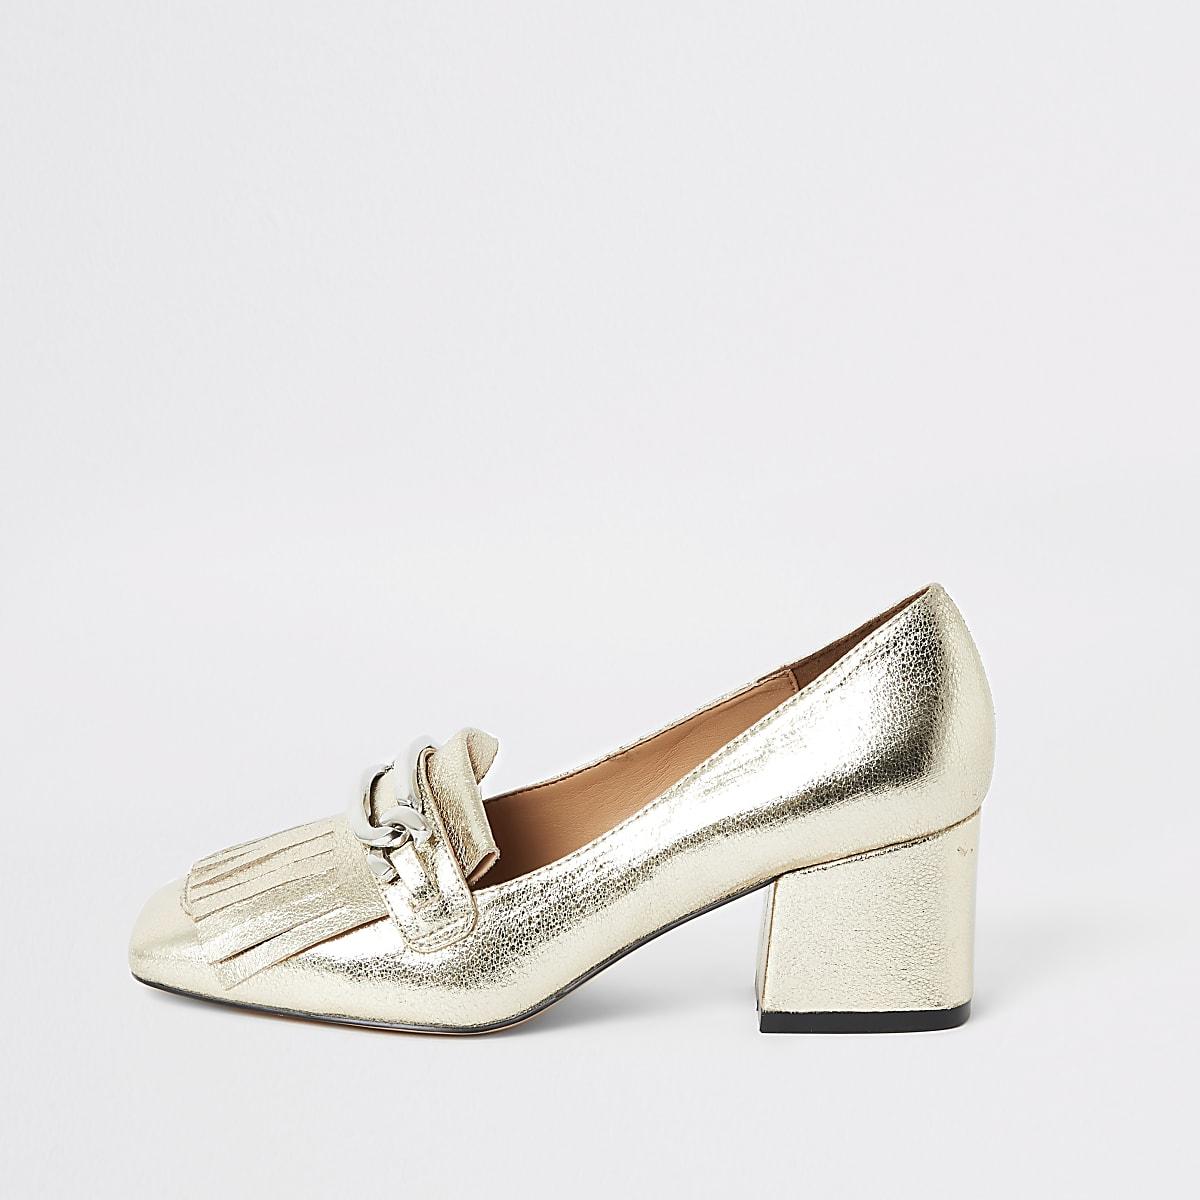 Gold heeled snaffle tassel loafer